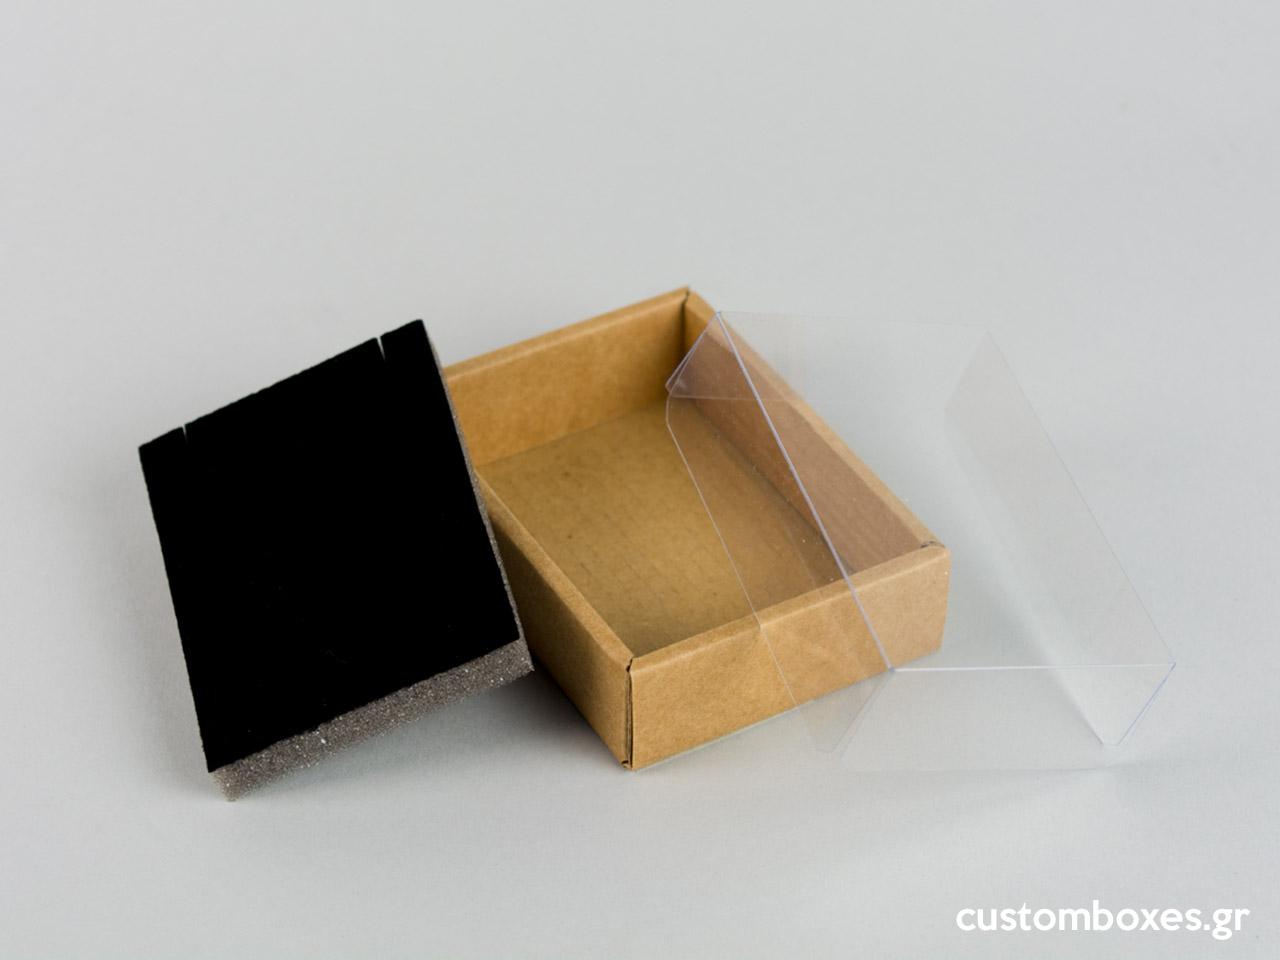 Οικολογικό κουτί kraft με διάφανο καπάκι και μαύρη βελούδινη βάση μενταγιόν νο5